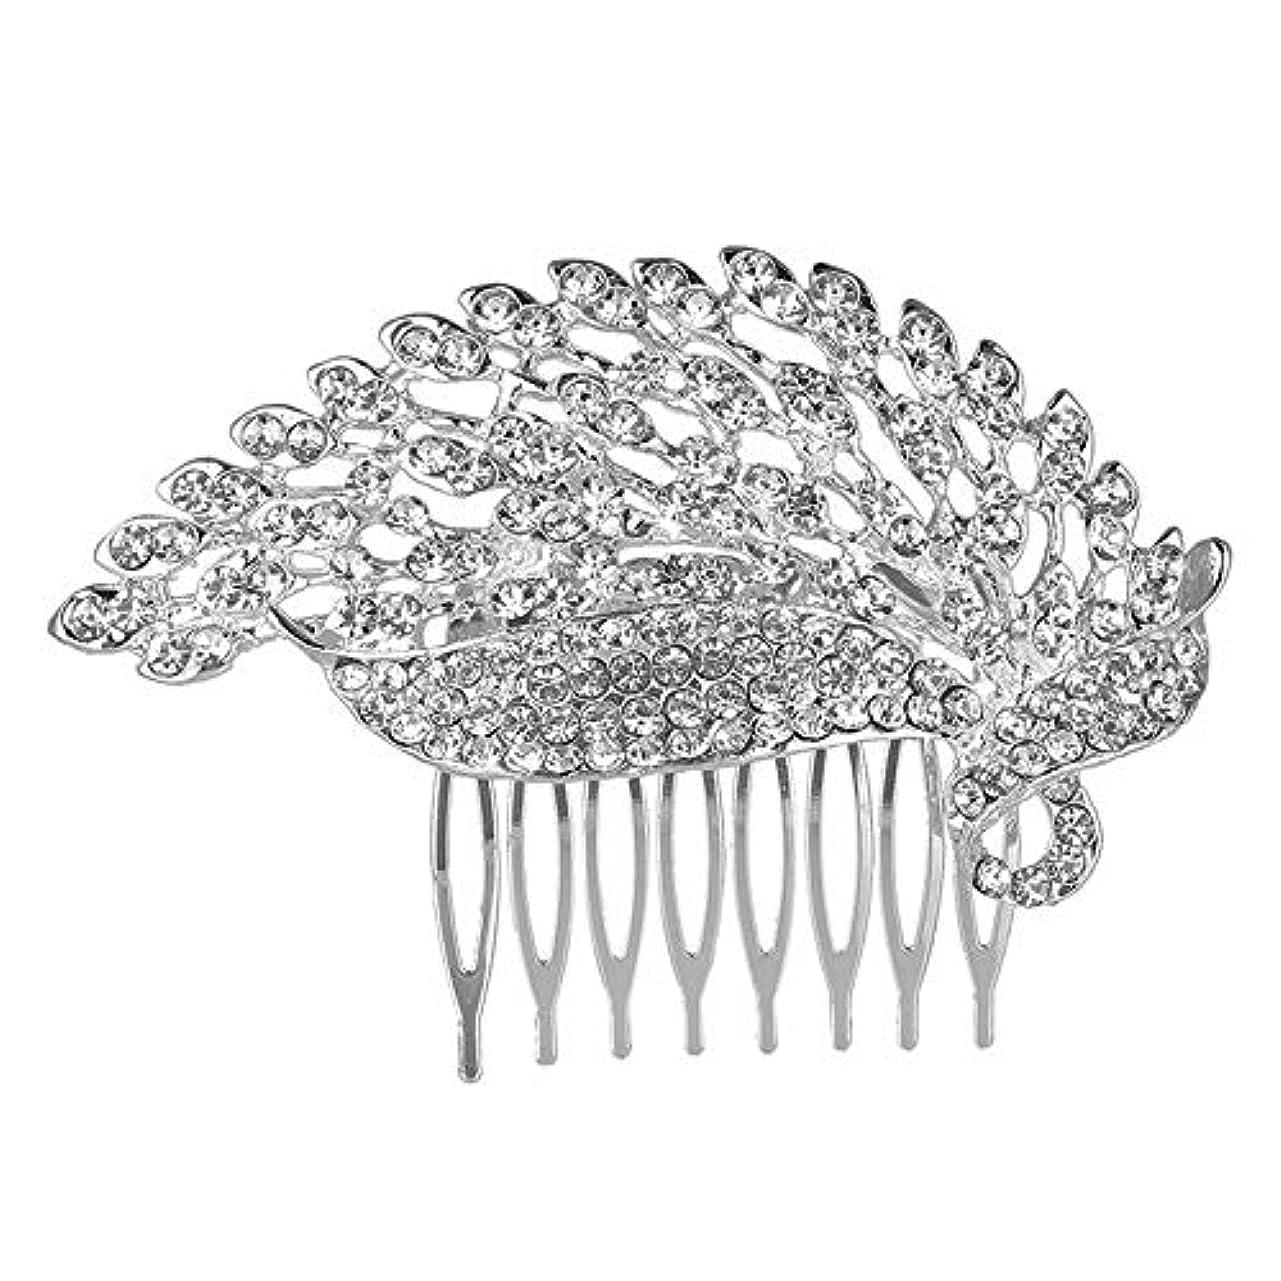 不機嫌テクニカル王族髪の櫛の櫛の櫛の花嫁の櫛の櫛の櫛の花嫁の頭飾りの結婚式のアクセサリー合金